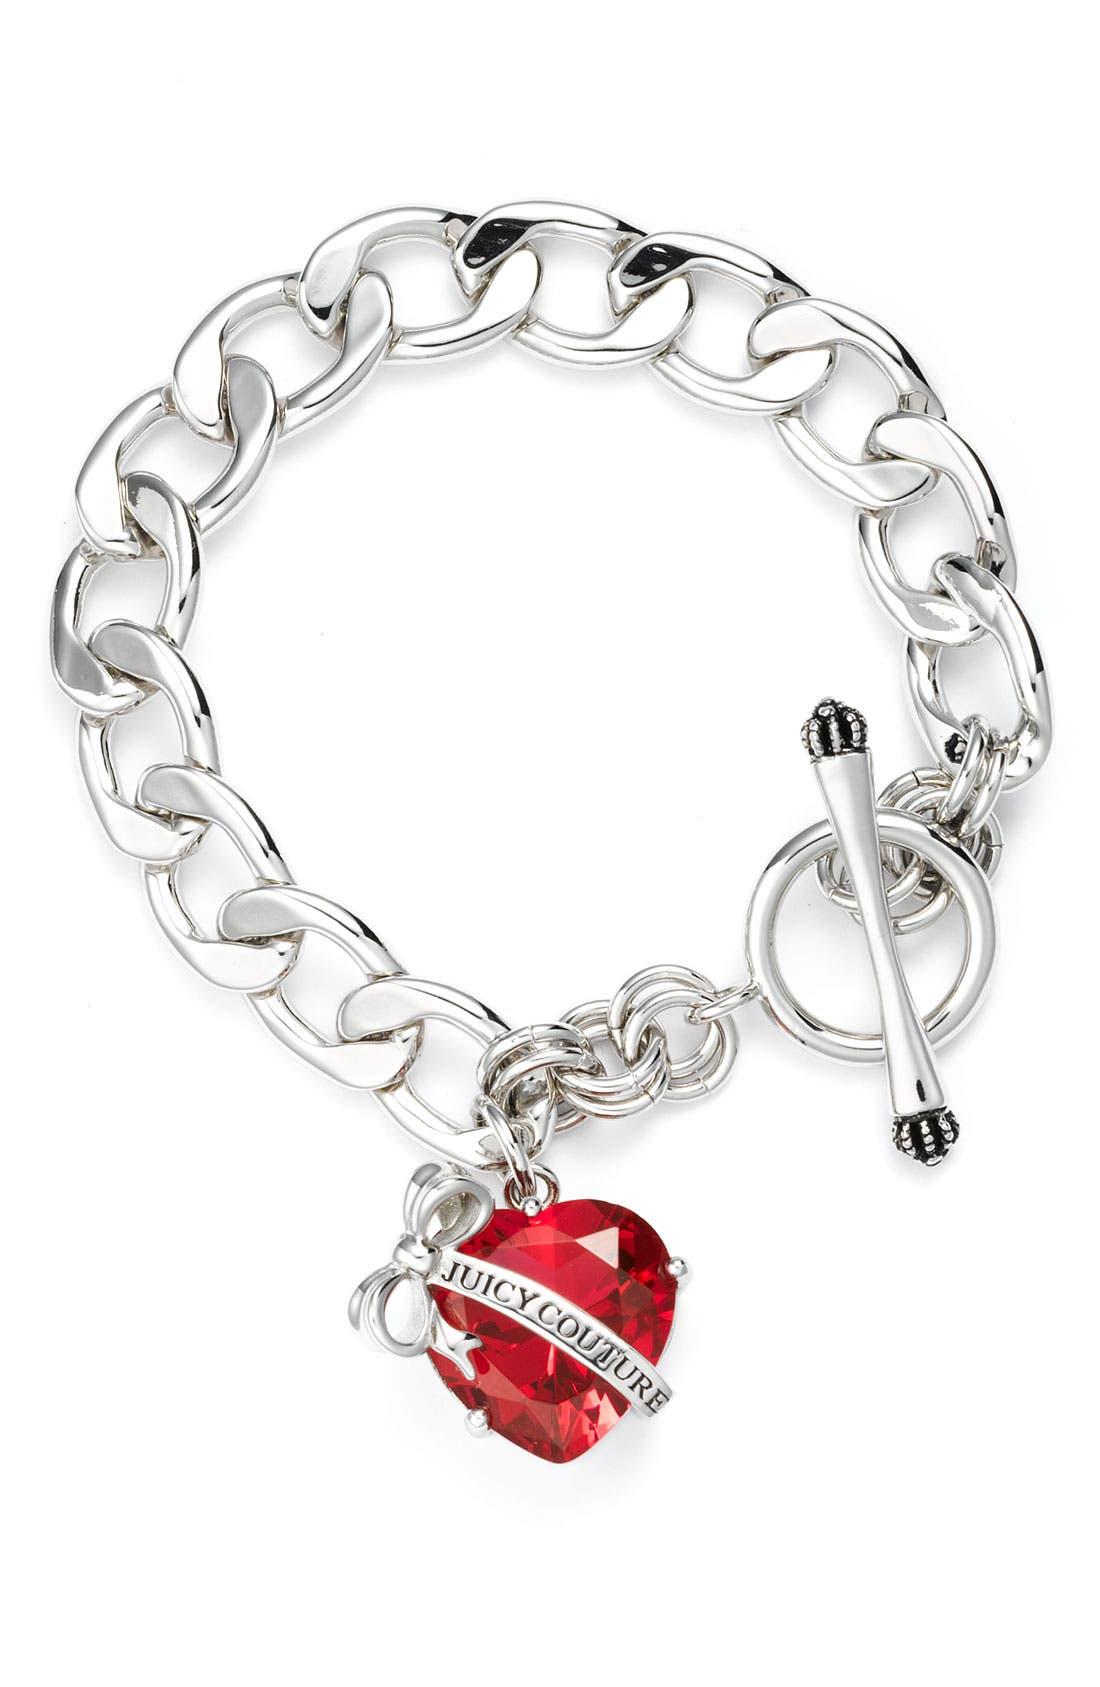 Main Image - Juicy Couture 'Technicolor Dreams' Starter Charm Bracelet